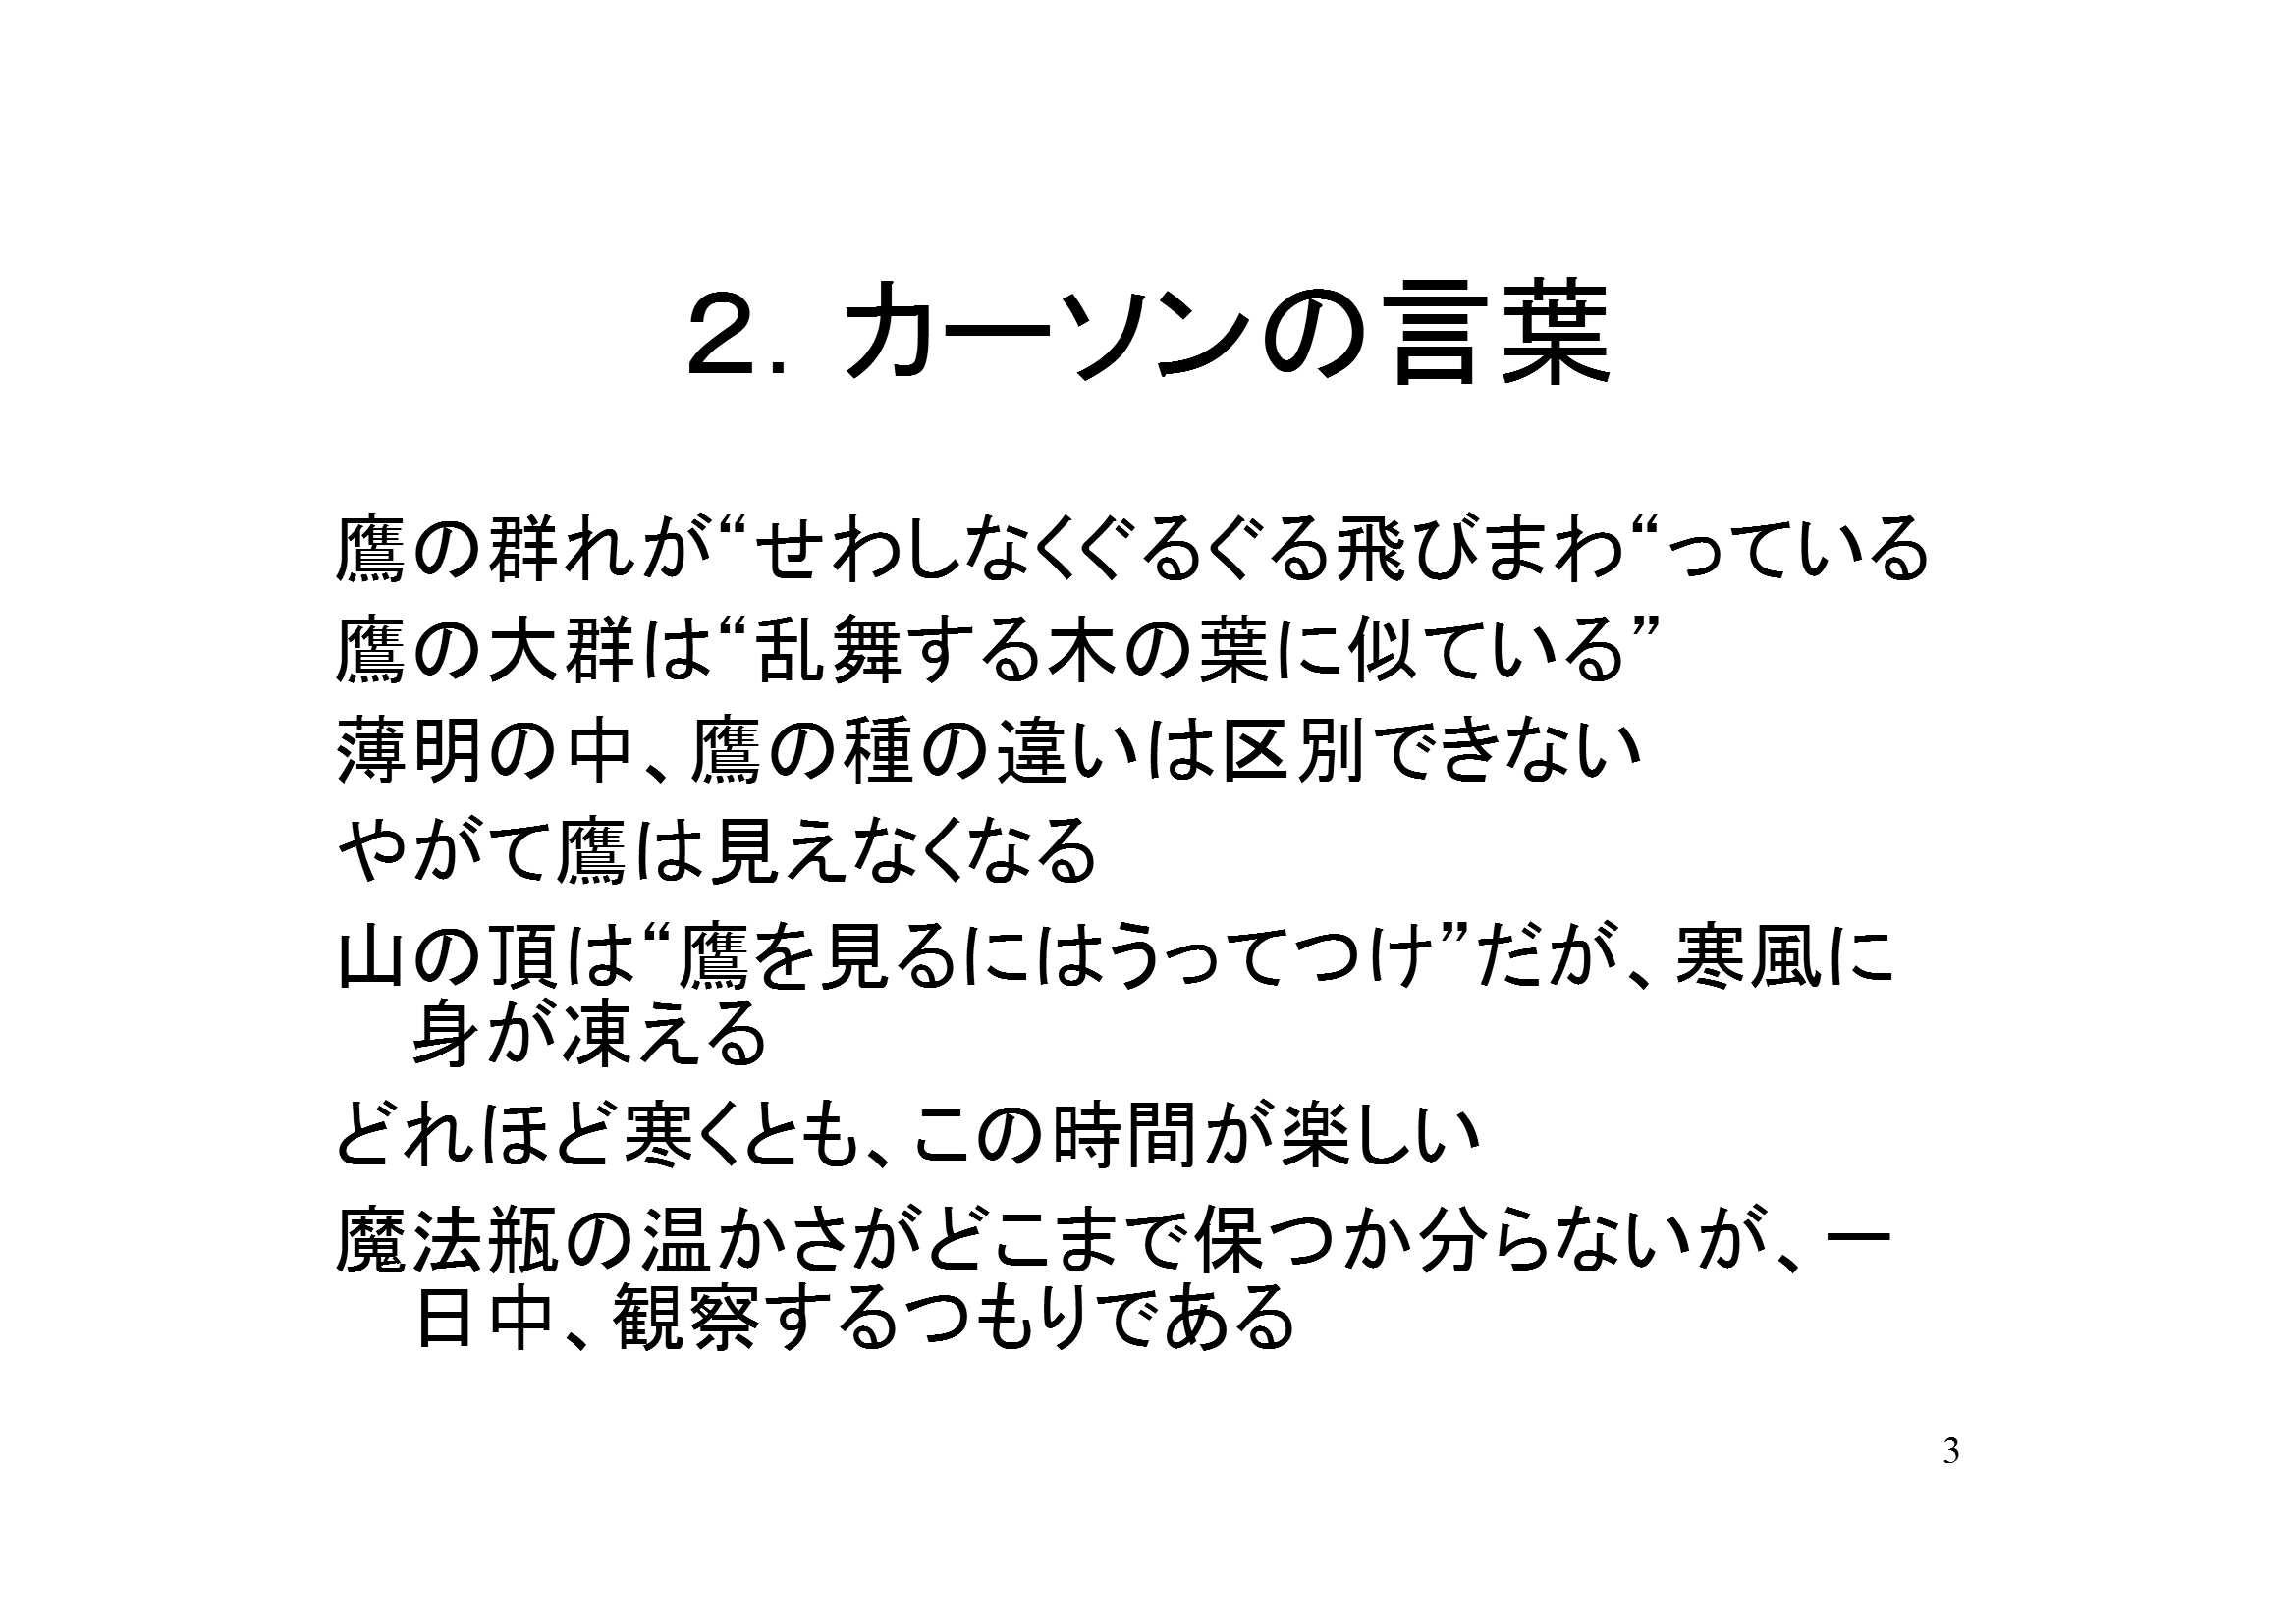 5鷹の道 [互換モード]-03